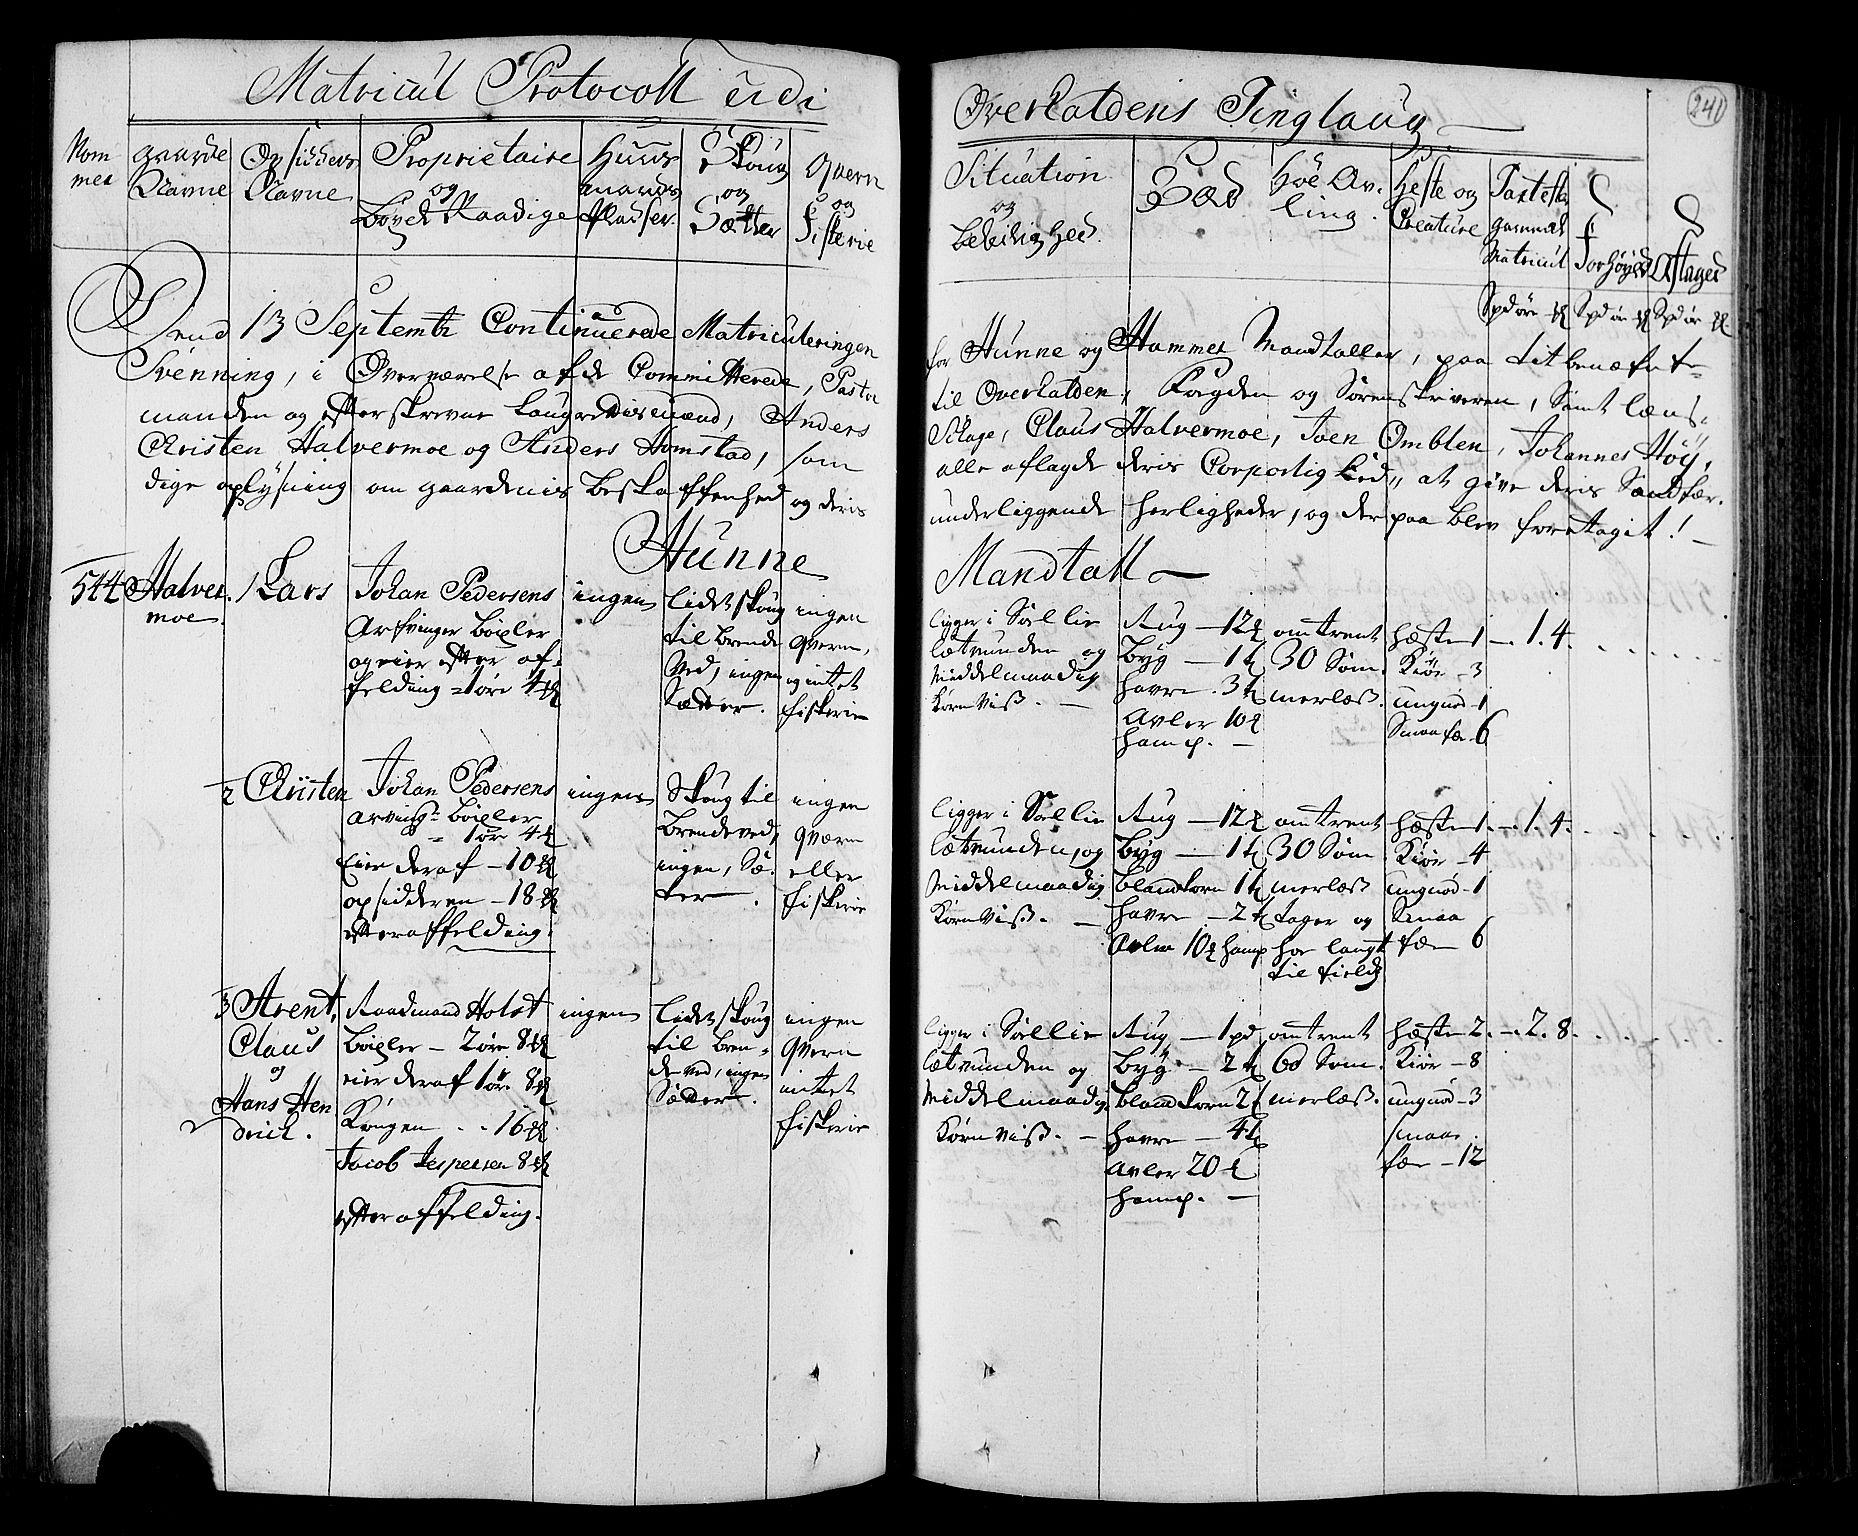 RA, Rentekammeret inntil 1814, Realistisk ordnet avdeling, N/Nb/Nbf/L0168: Namdalen eksaminasjonsprotokoll, 1723, s. 240b-241a